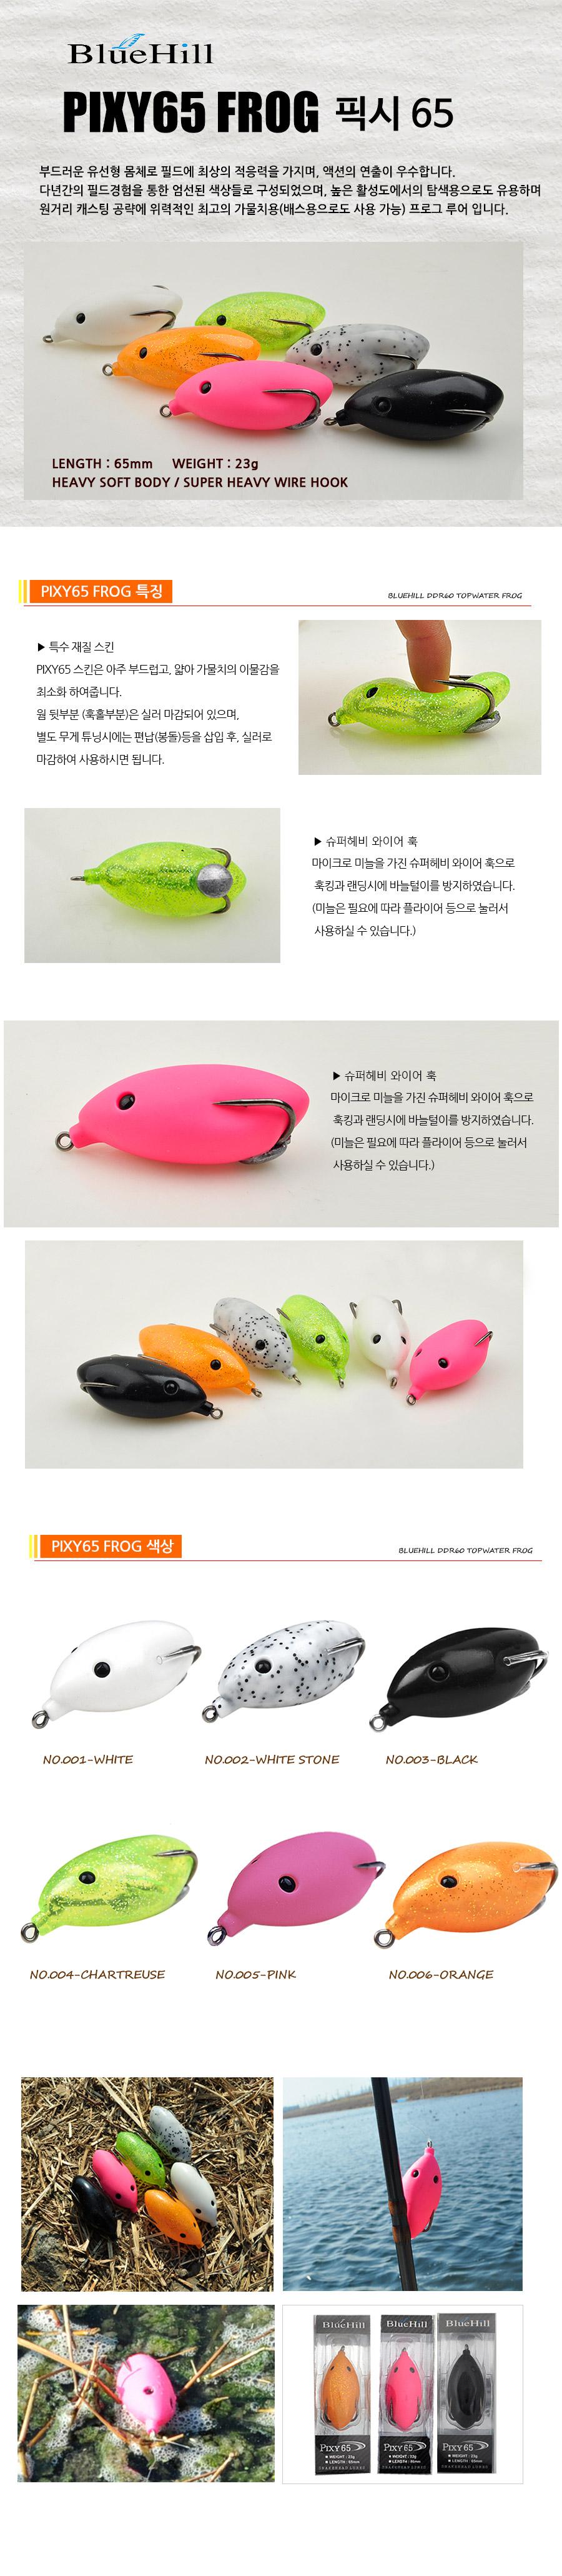 블루힐 픽시65 프로그 가물치루어 개구리 프러그 흑어 몬스터 스네이크헤드 가물치낚시 생쥐